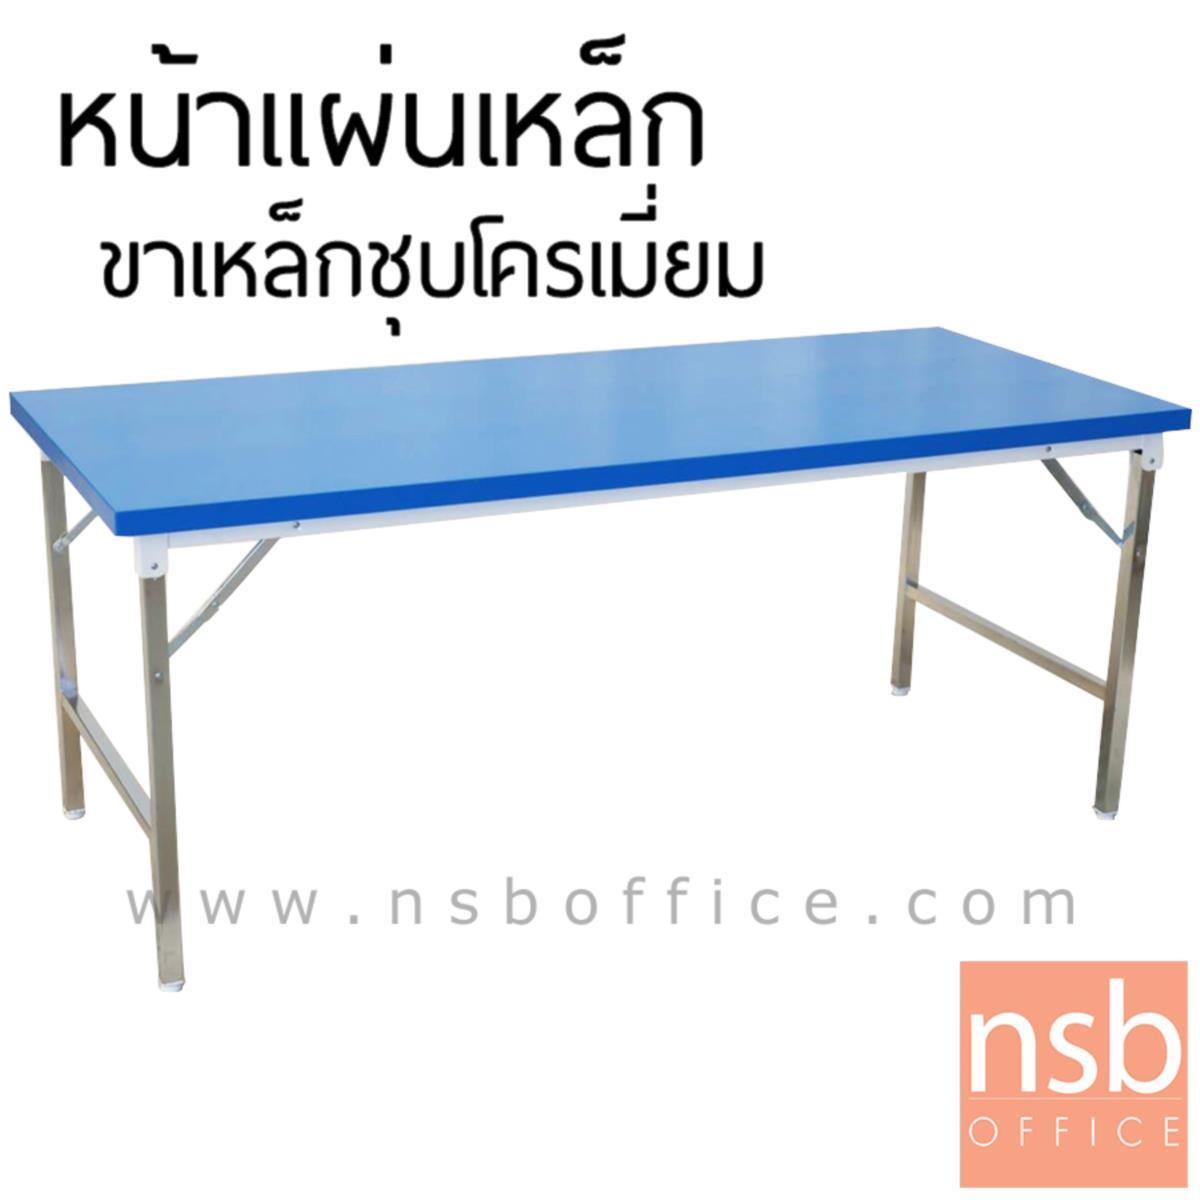 A07A074:โต๊ะพับหน้าเหล็กทำสี รุ่น Yukon (ยูคอน)  โครงขาชุบโครเมี่ยม